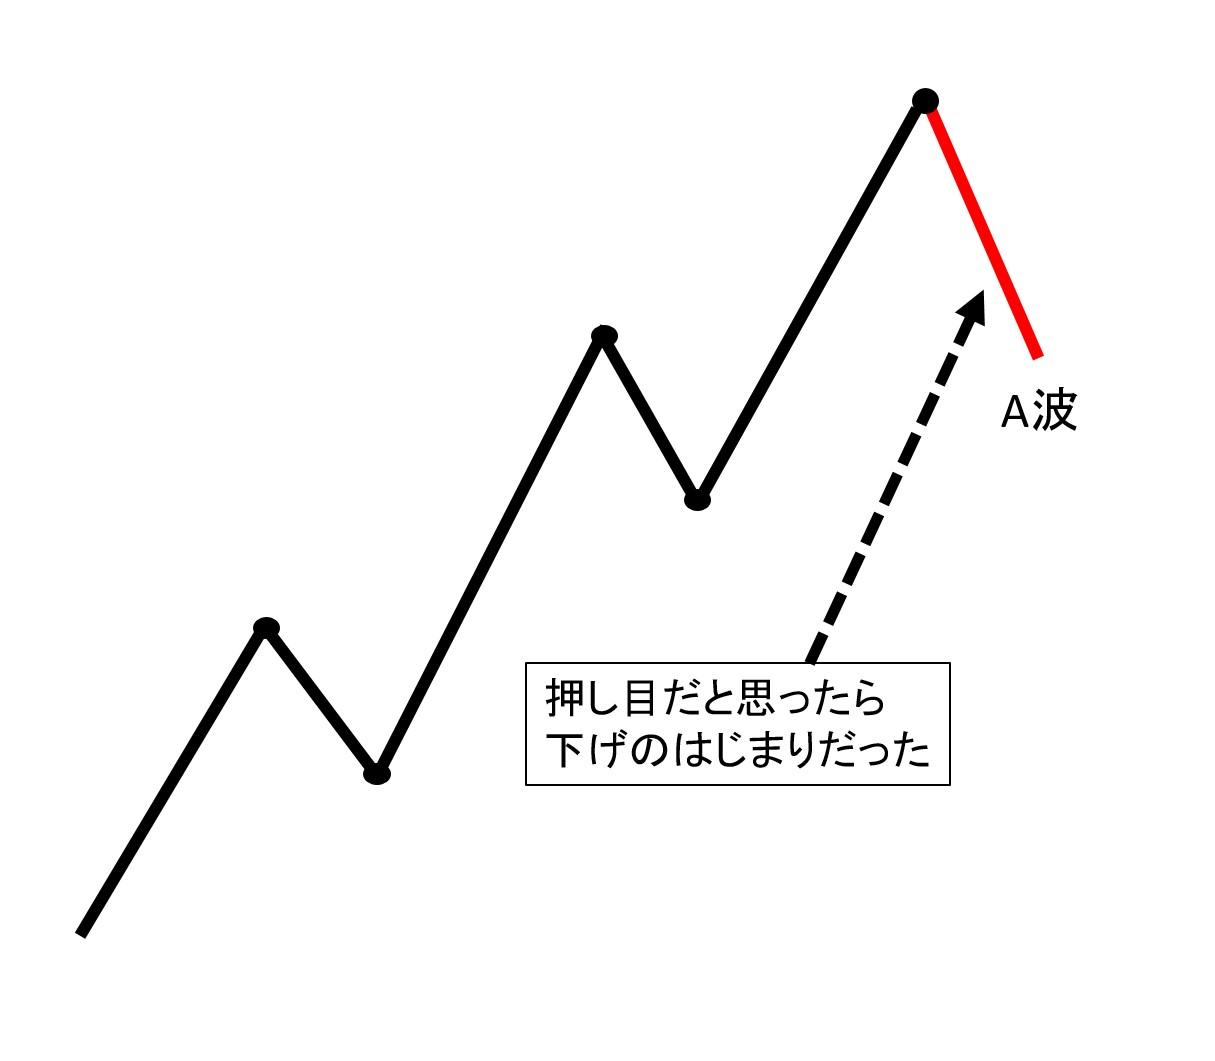 エリオット波動A波